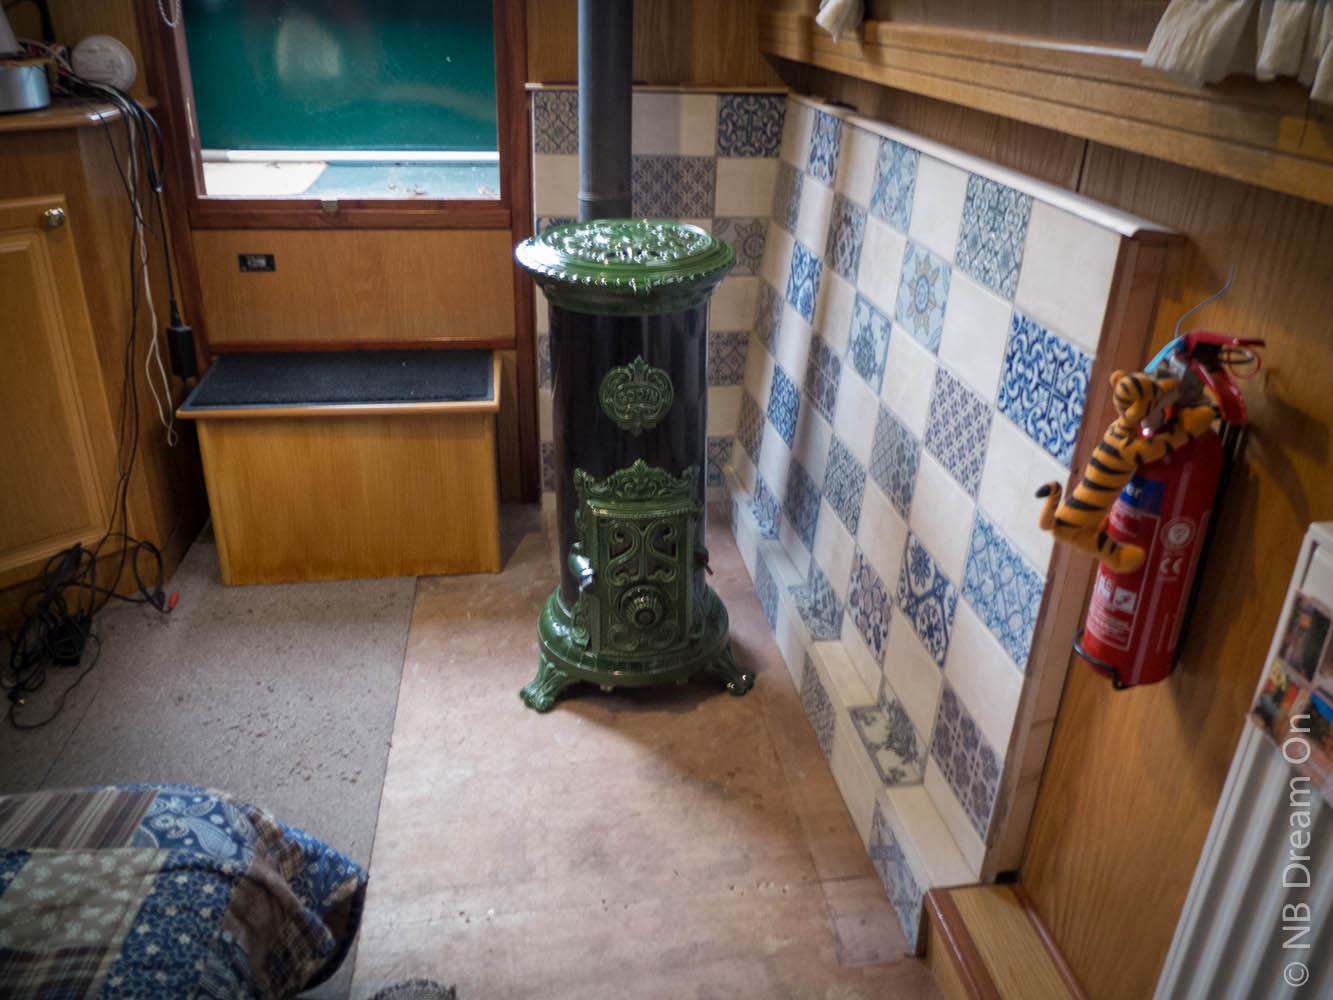 Poele A Bois Pour Bateau - Narrowboat Dream On Po u00ealeà boisà bord du narrowboat (Episode 8) trouver l'installateur